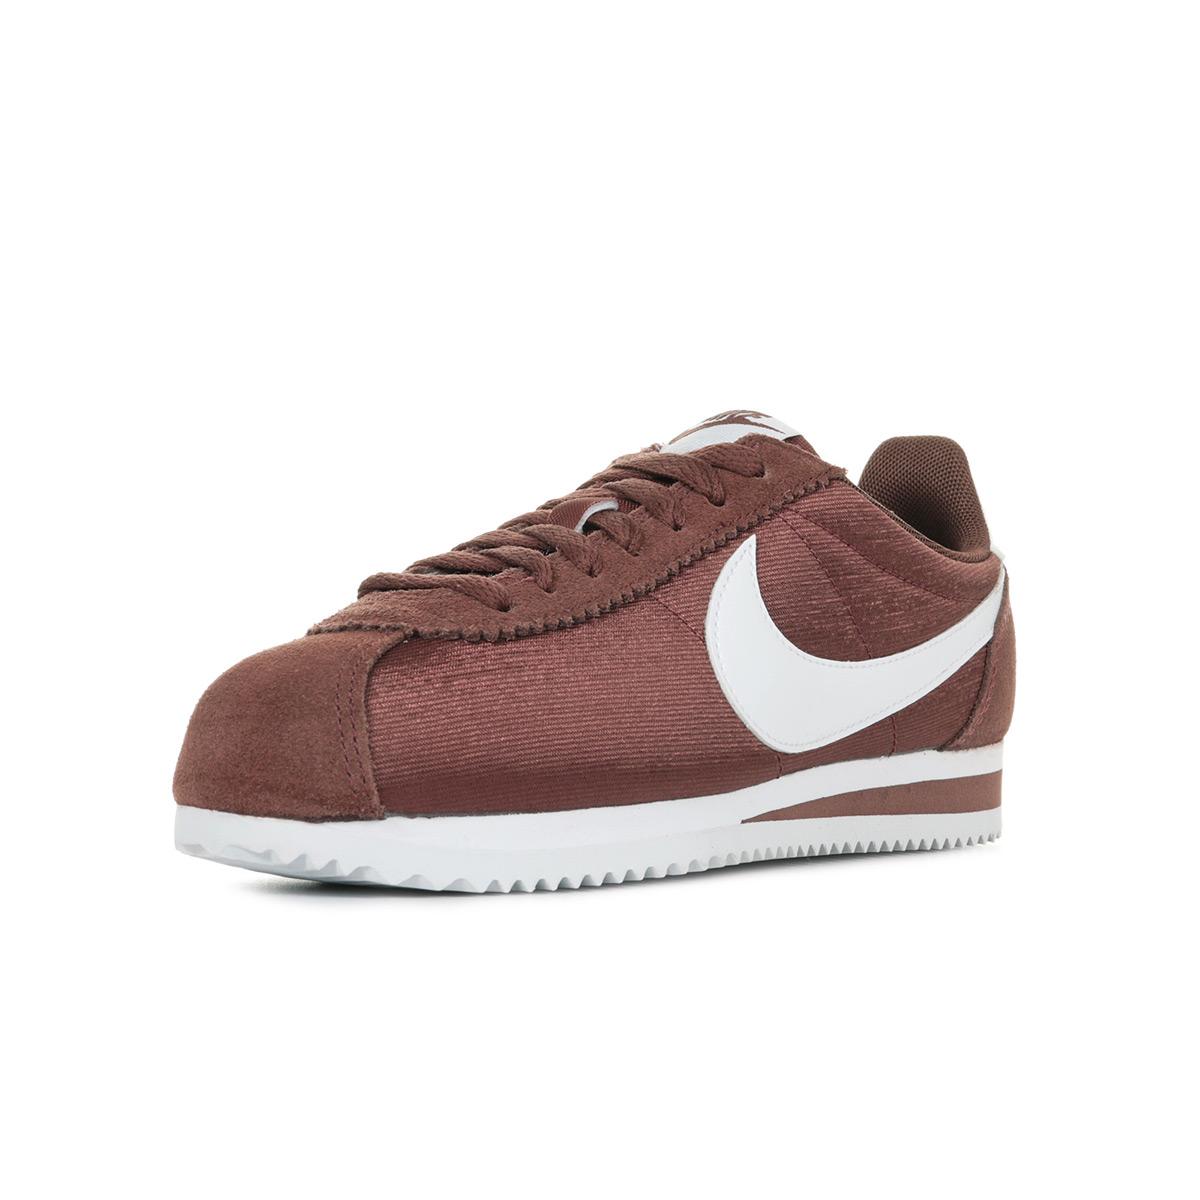 finest selection 618d9 4b0e5 Nike WMNS Classic Cortez Nylon ...